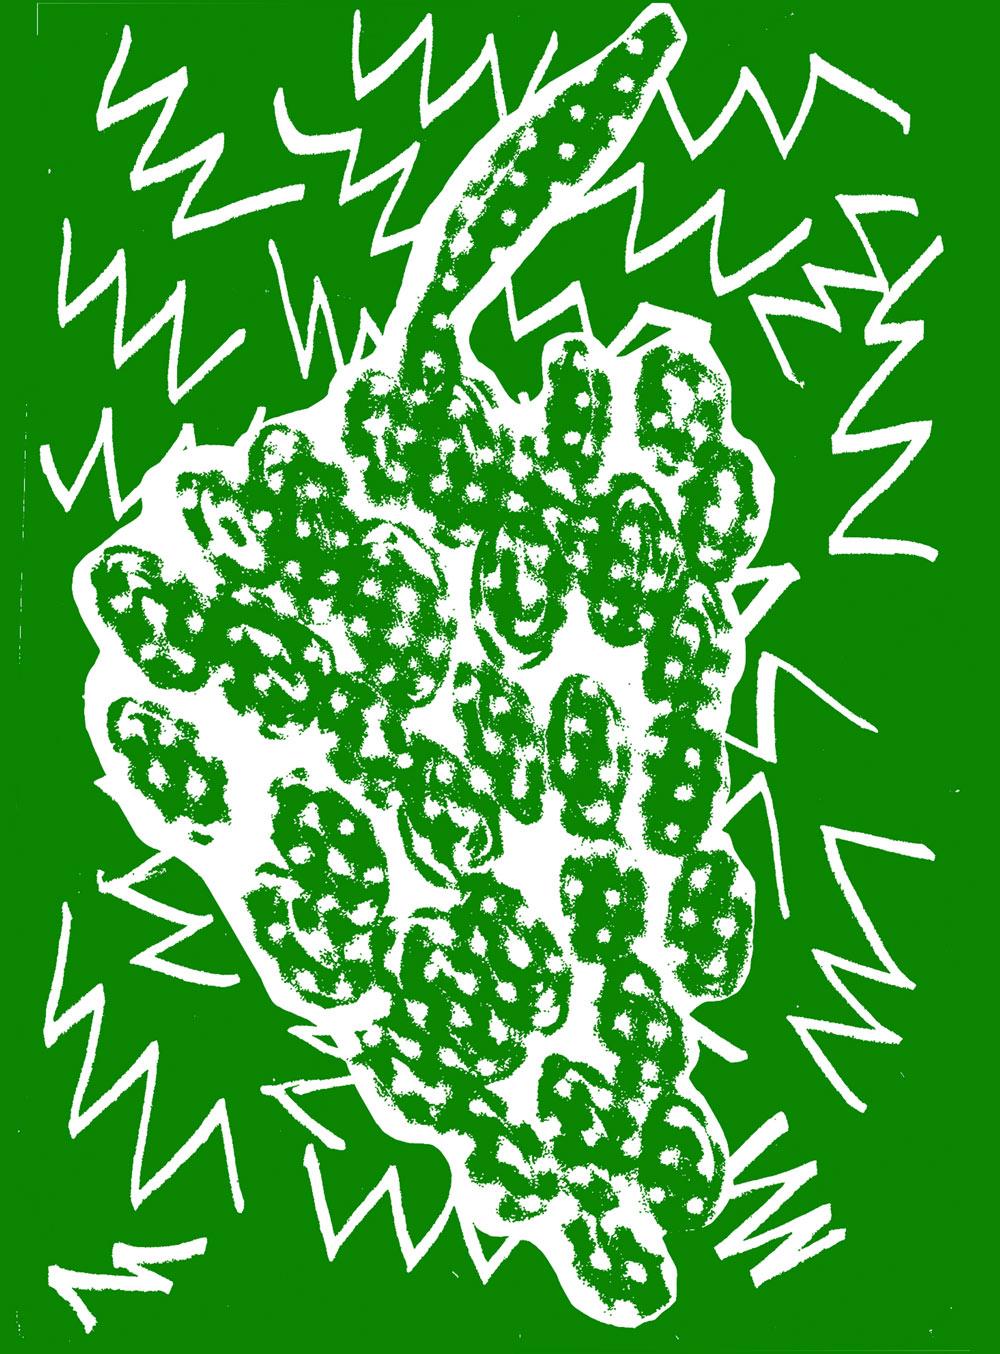 greenB